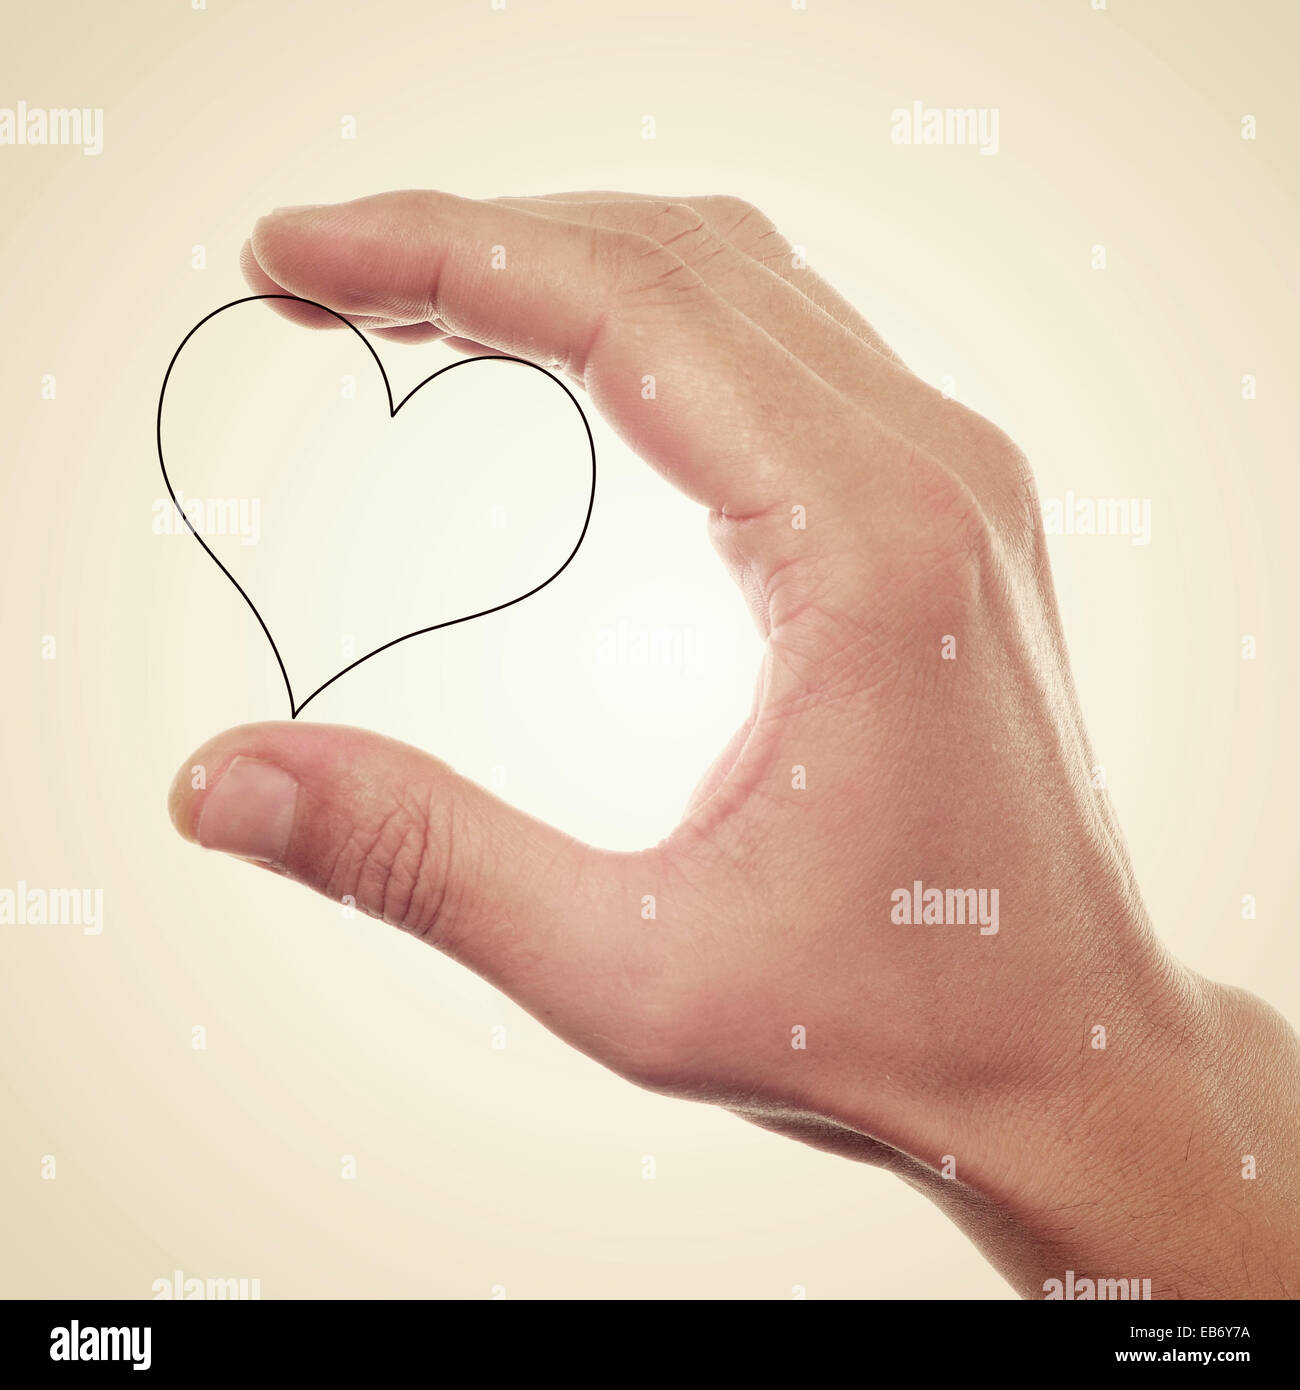 Bild von jemandem mit gezeichneten Herz in der Hand, mit einem Retro-Effekt Stockbild